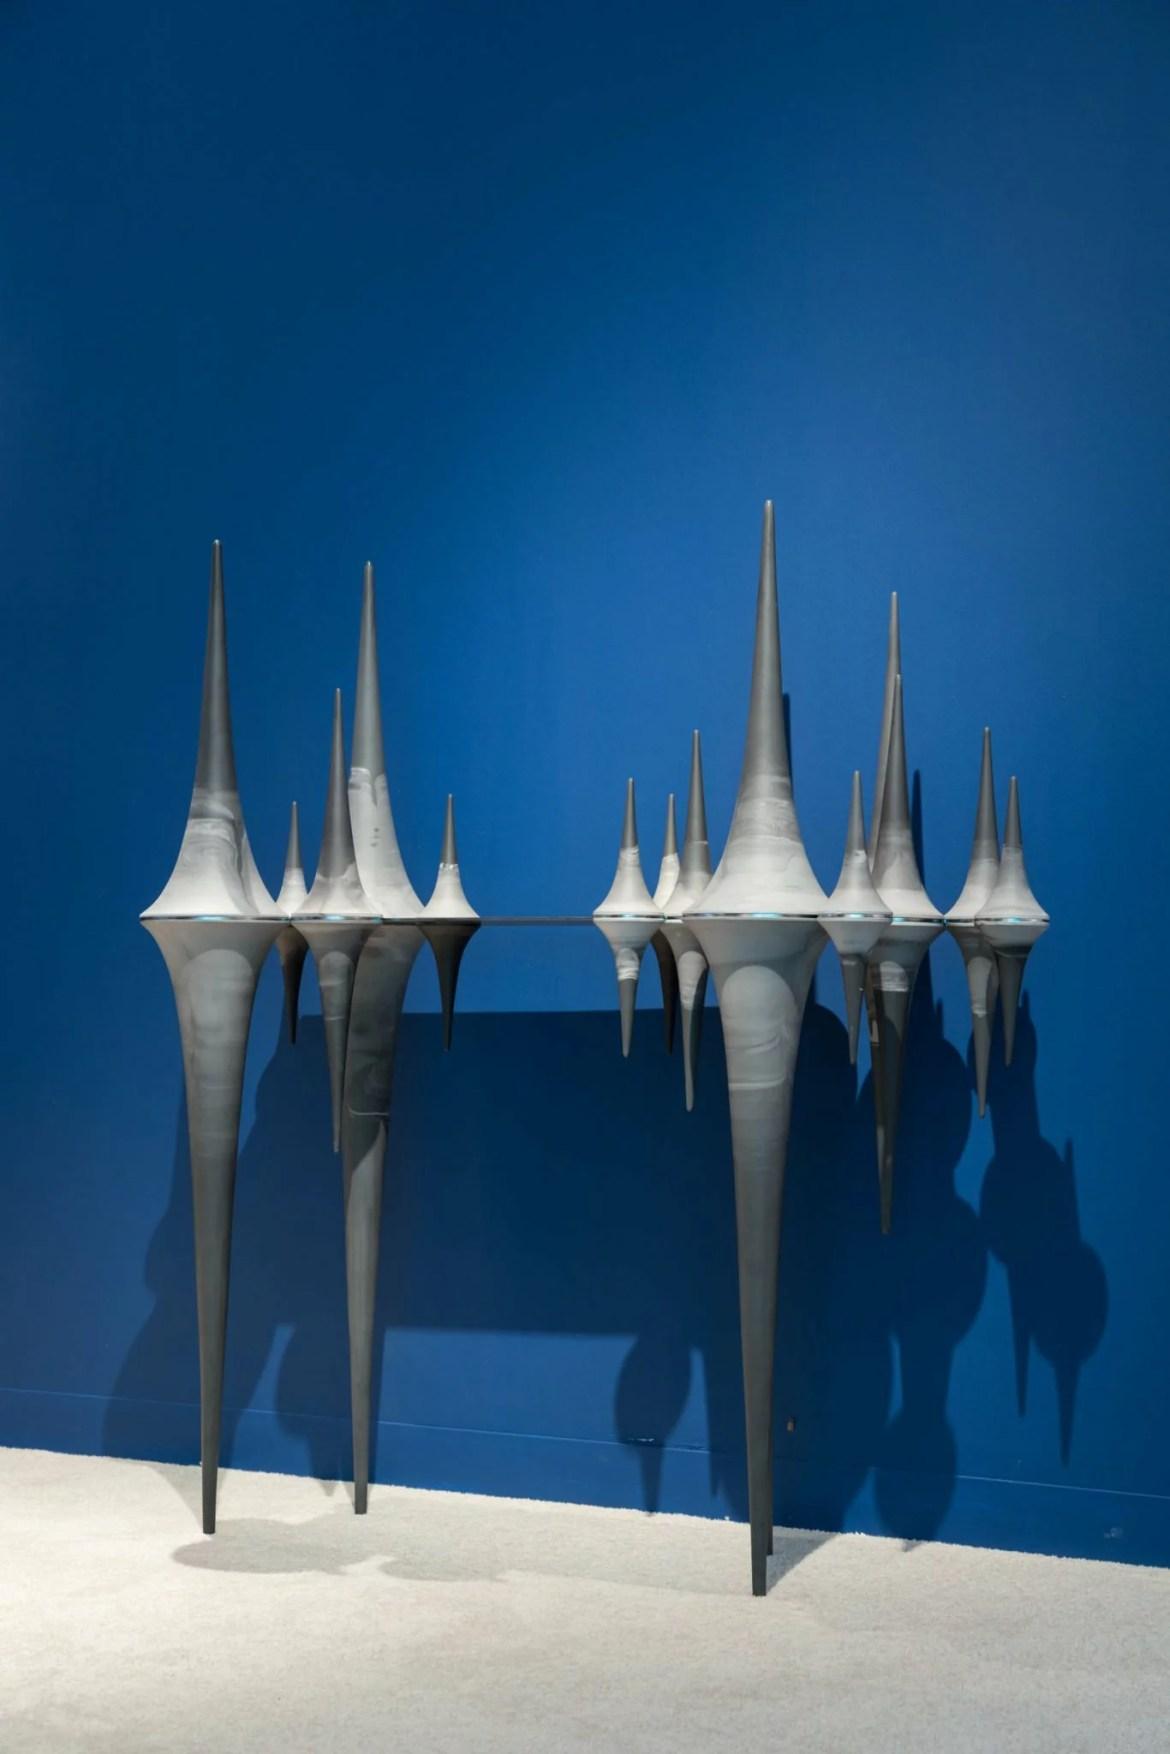 Design Miami 2019, Galerie Scène Ouverte's booth